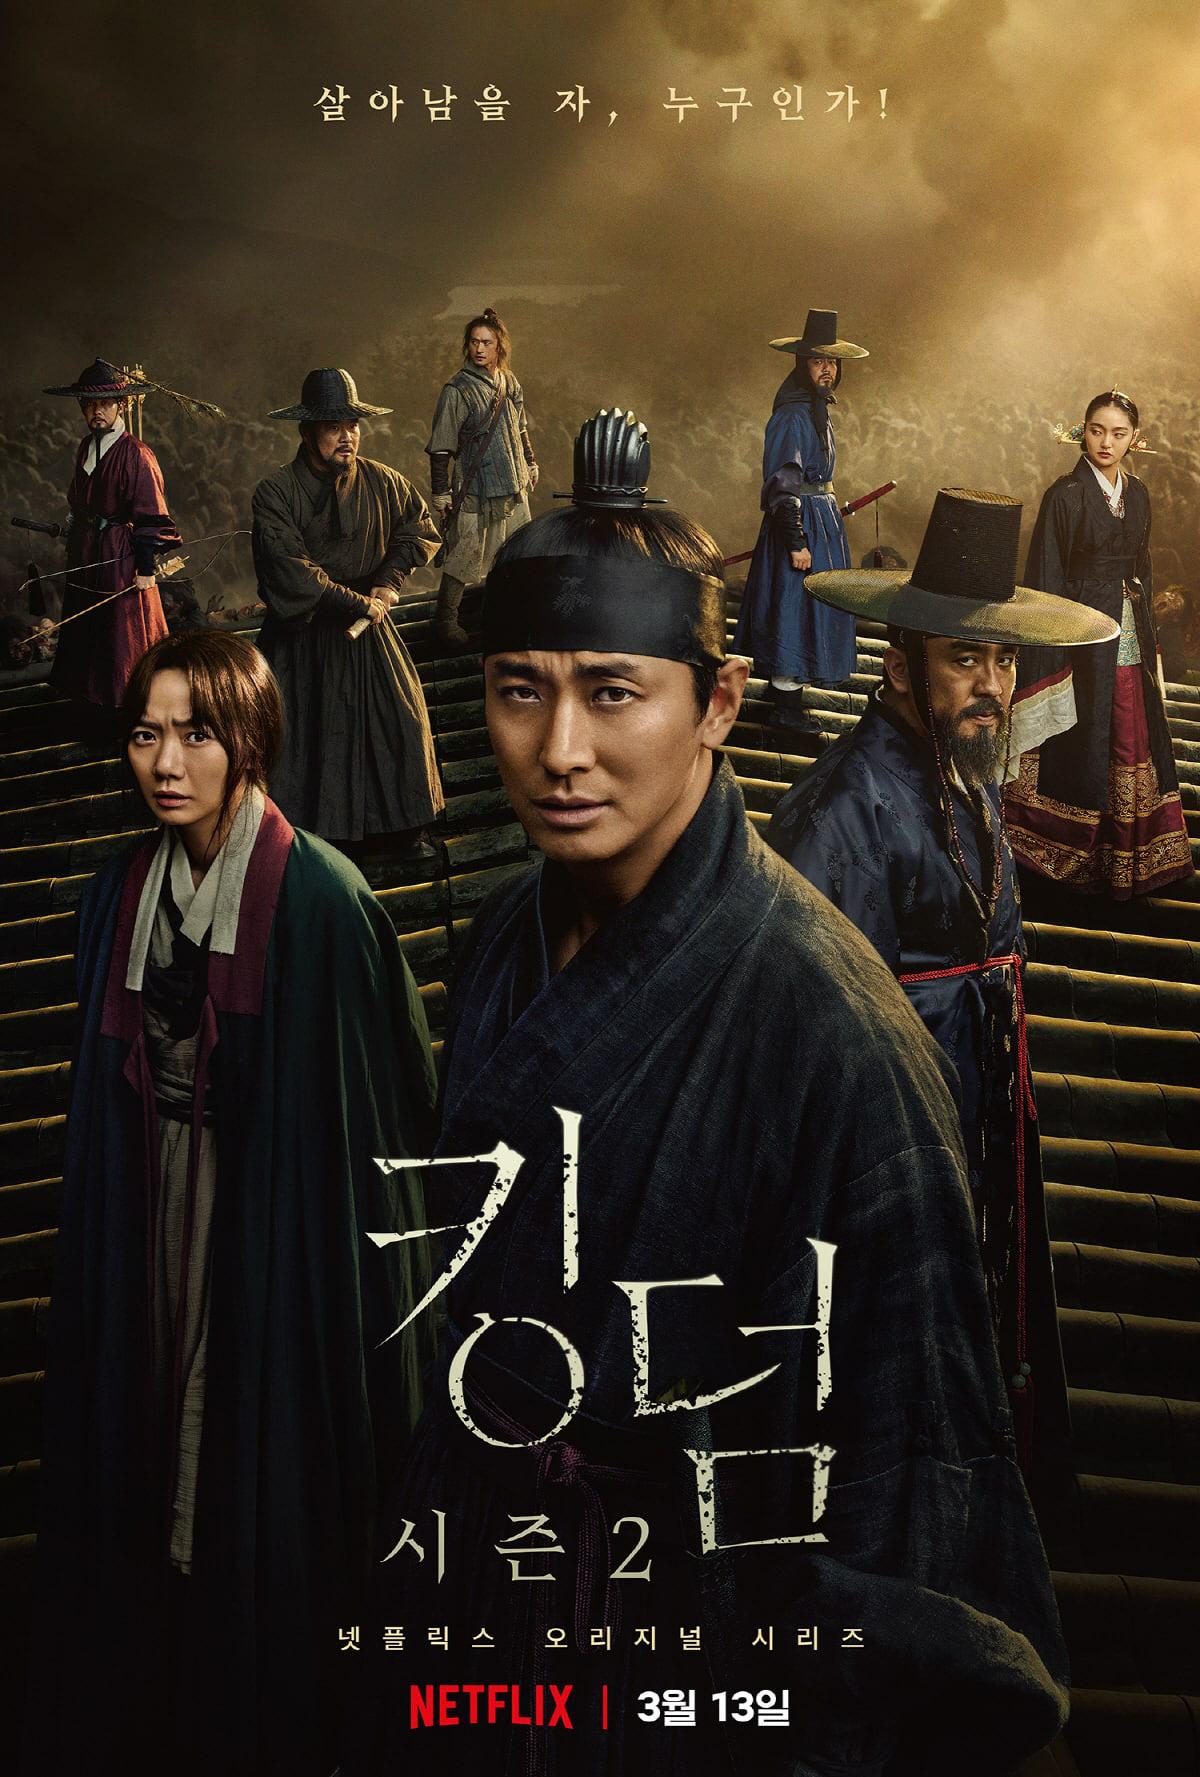 Kingdom 2 tung teaser nghẹt thở: Thái tử Lee Chang bị tập kích bởi đoàn zombie đông như kiến - Ảnh 1.